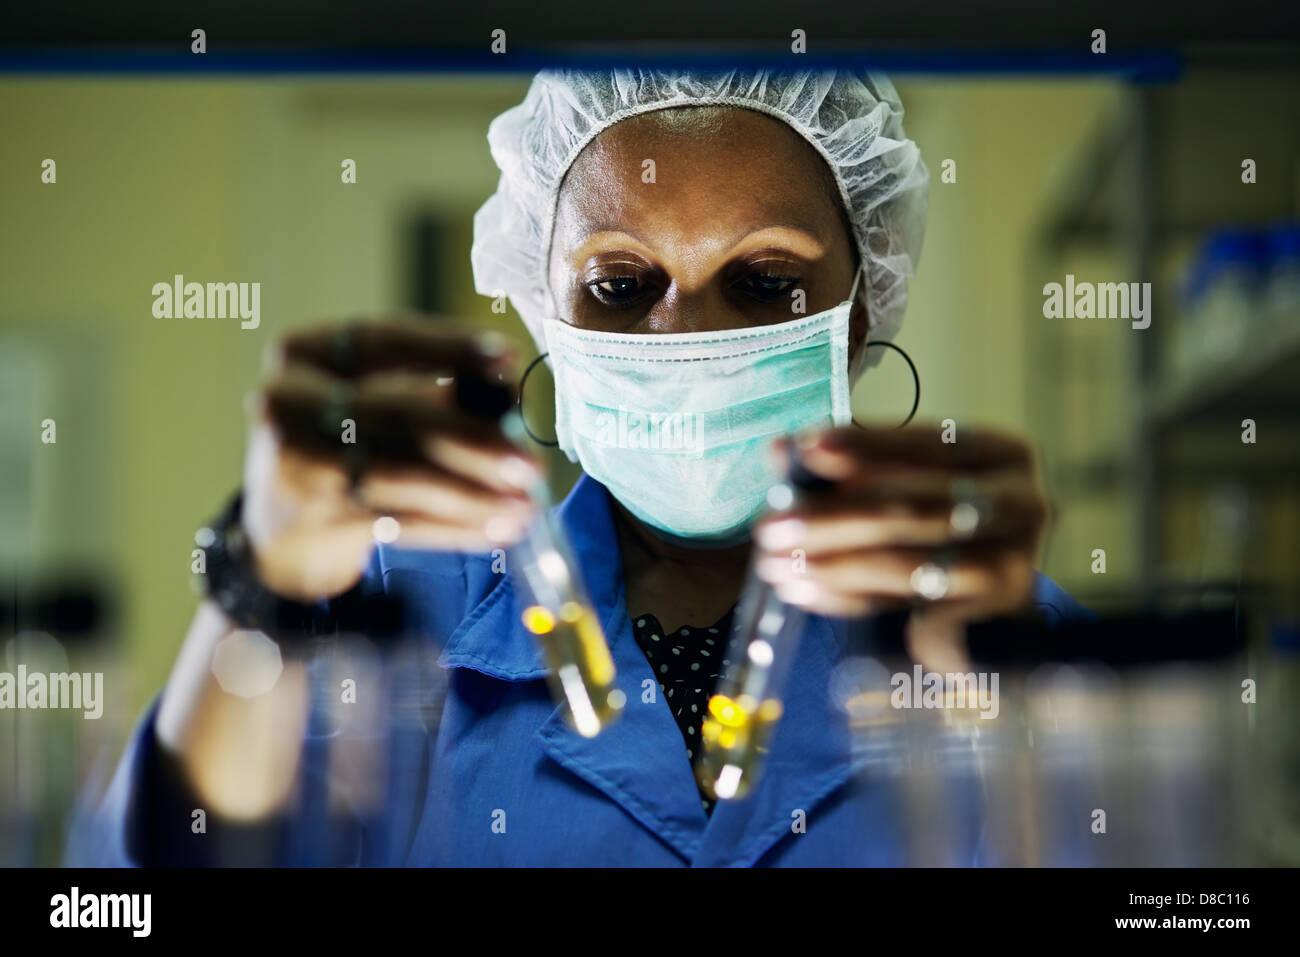 La scienza e la ricerca, la donna lavora come farmacista guardando alla provetta di test in laboratorio Immagini Stock